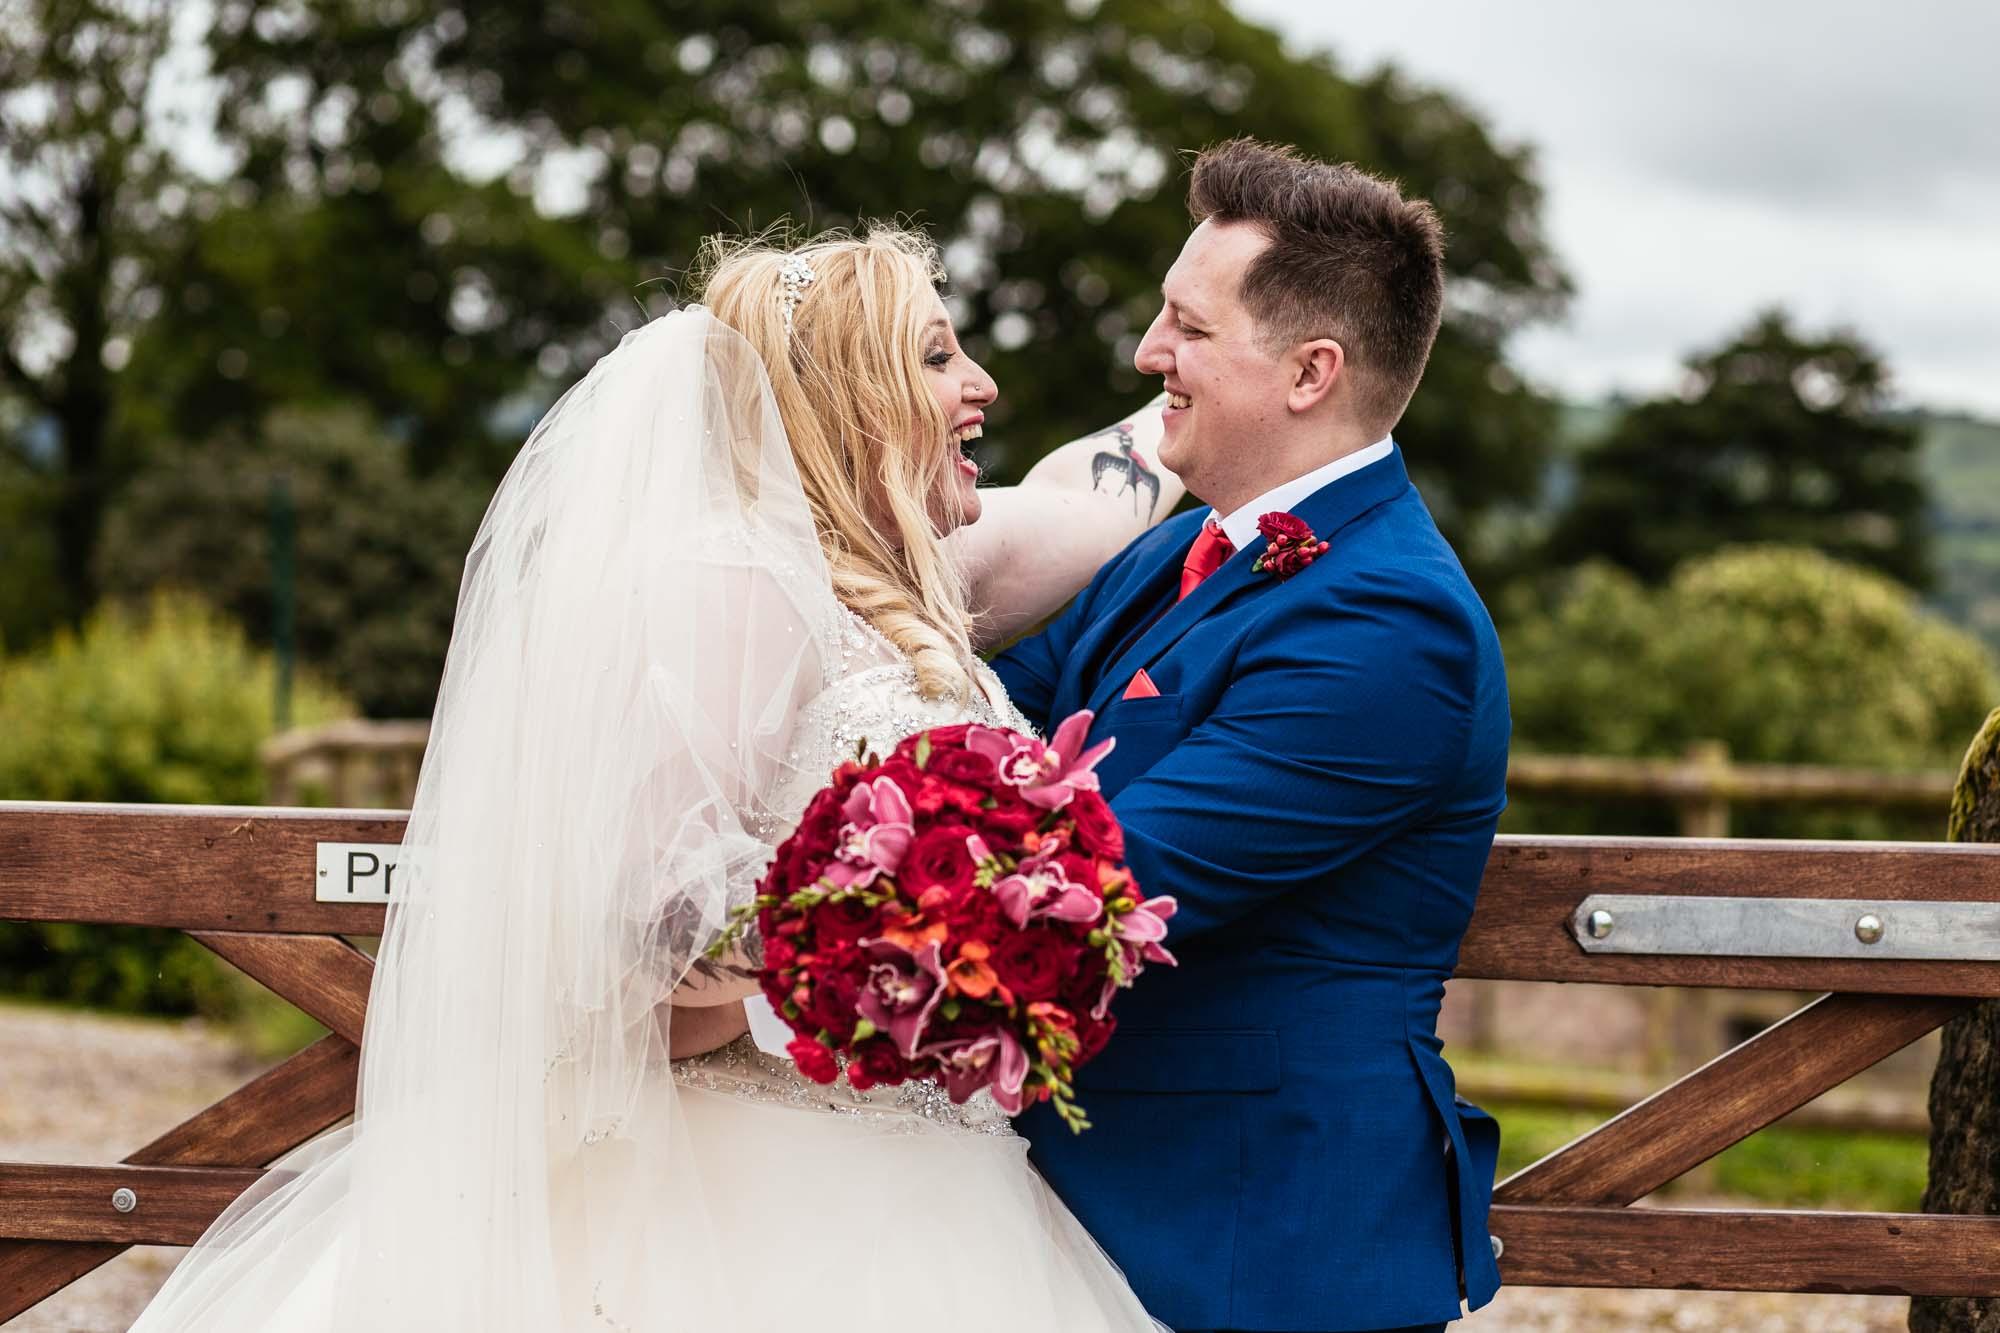 Creative Wedding Photographer Heaton House Farm